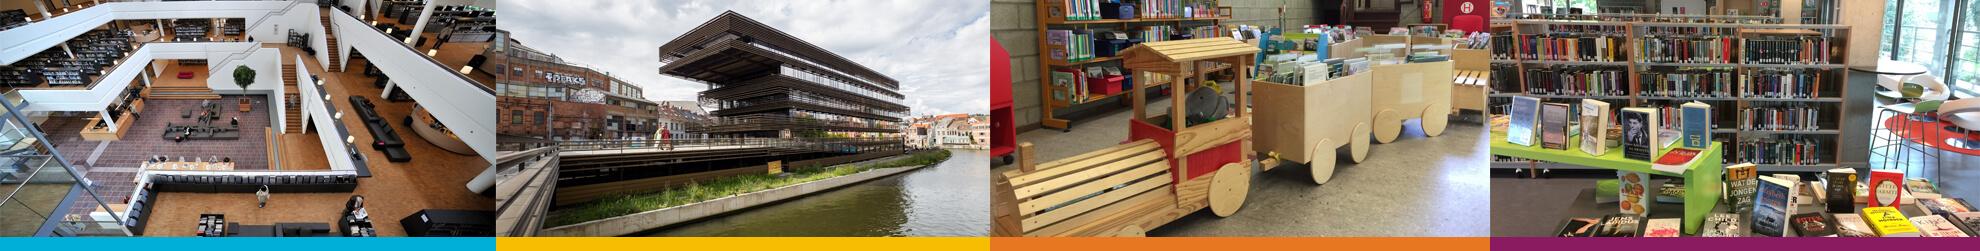 Wise als eengemaakt bibliotheeksysteem voor Vlaanderen.